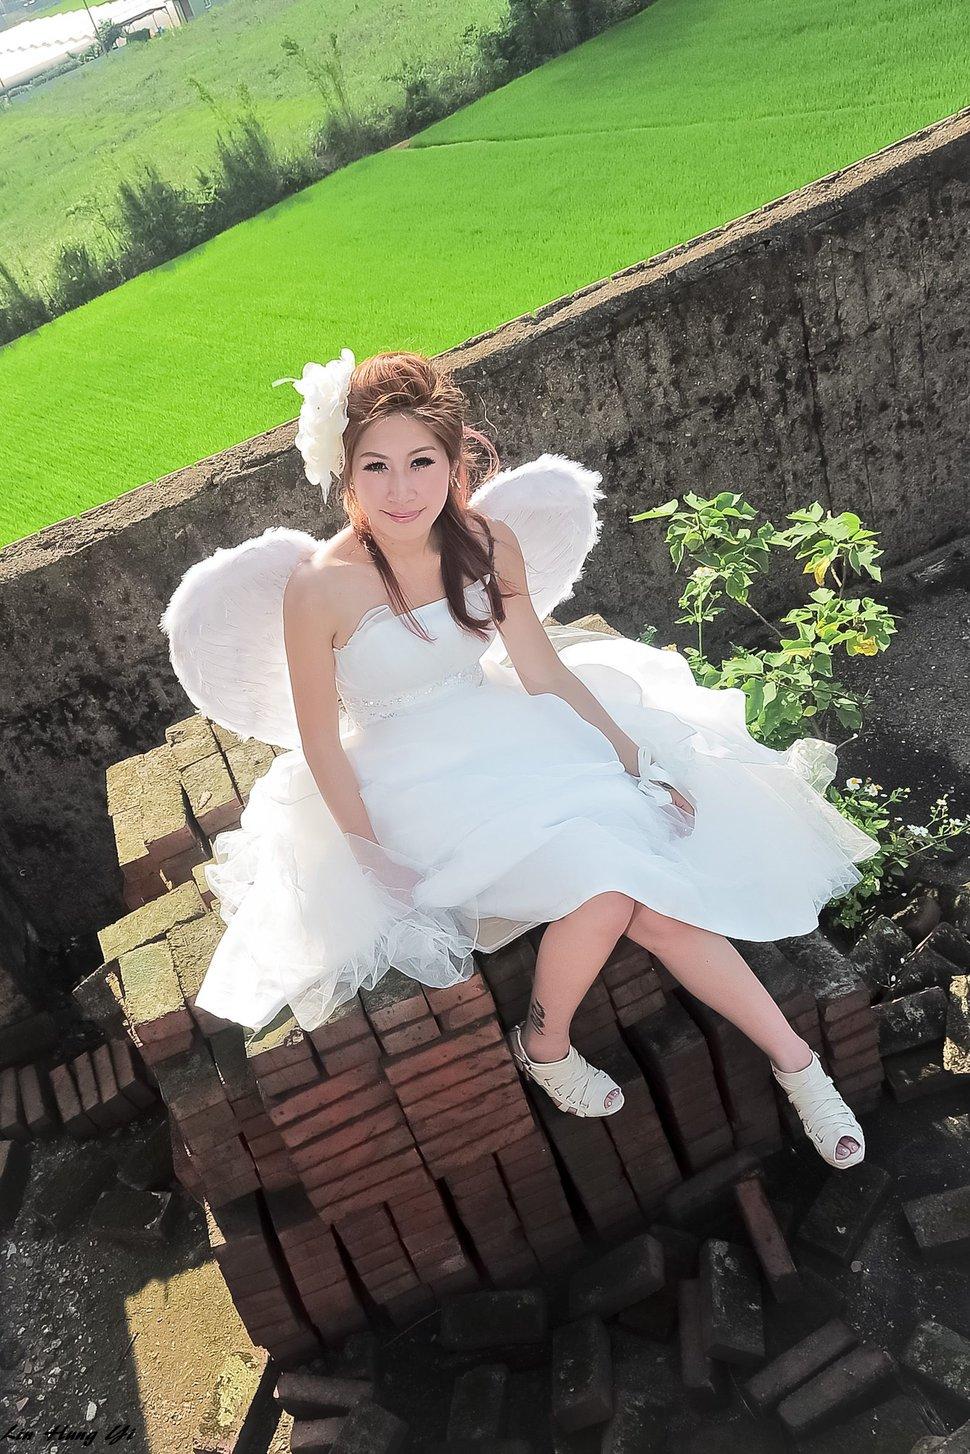 dsc_0855-1_38356483106_o - 小林哥Hung YI攝影工作室《結婚吧》